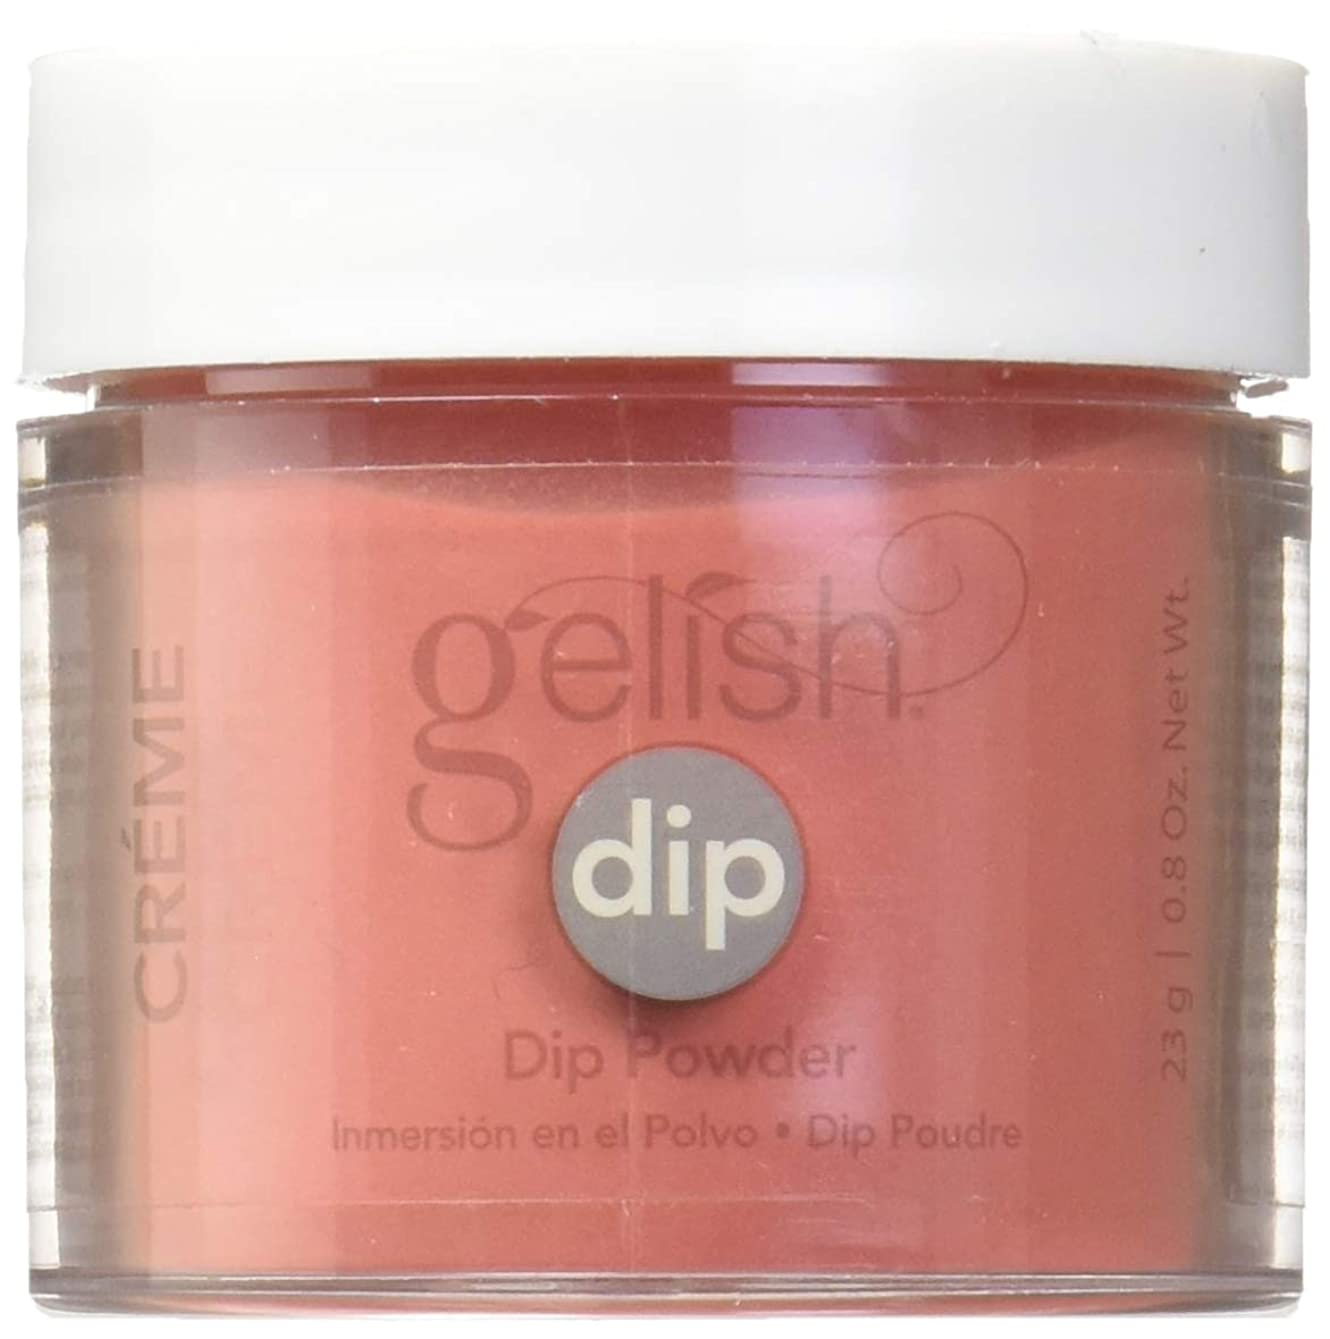 予想外火山学者つまずくHarmony Gelish - Acrylic Dip Powder - Fire Cracker - 23g / 0.8oz